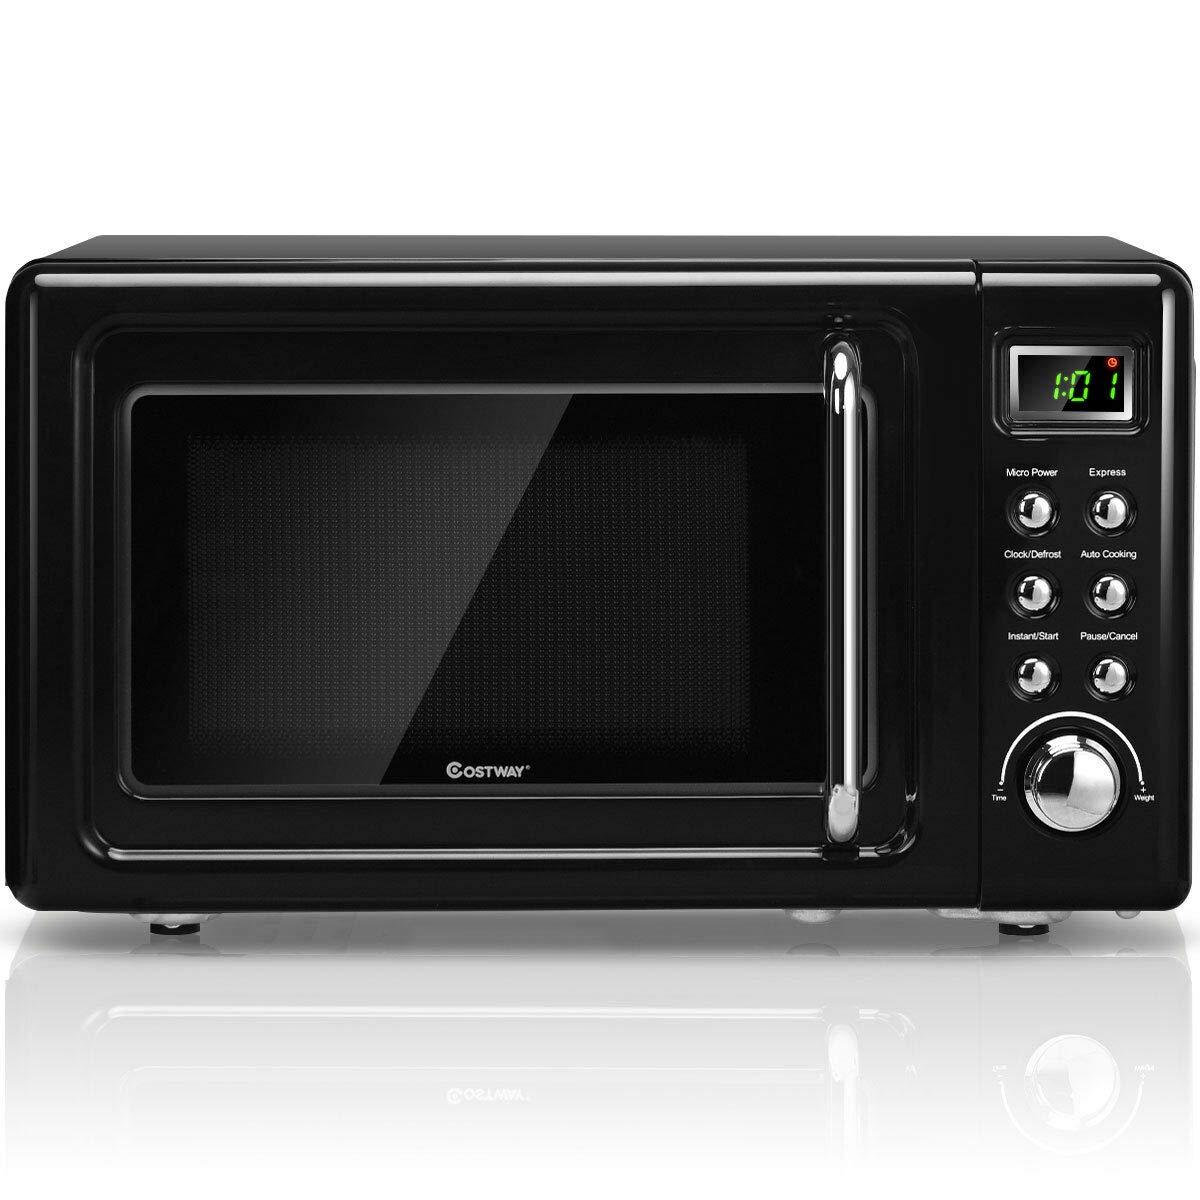 Costway Compact Size Countertop Microwave Oven 700 Watt